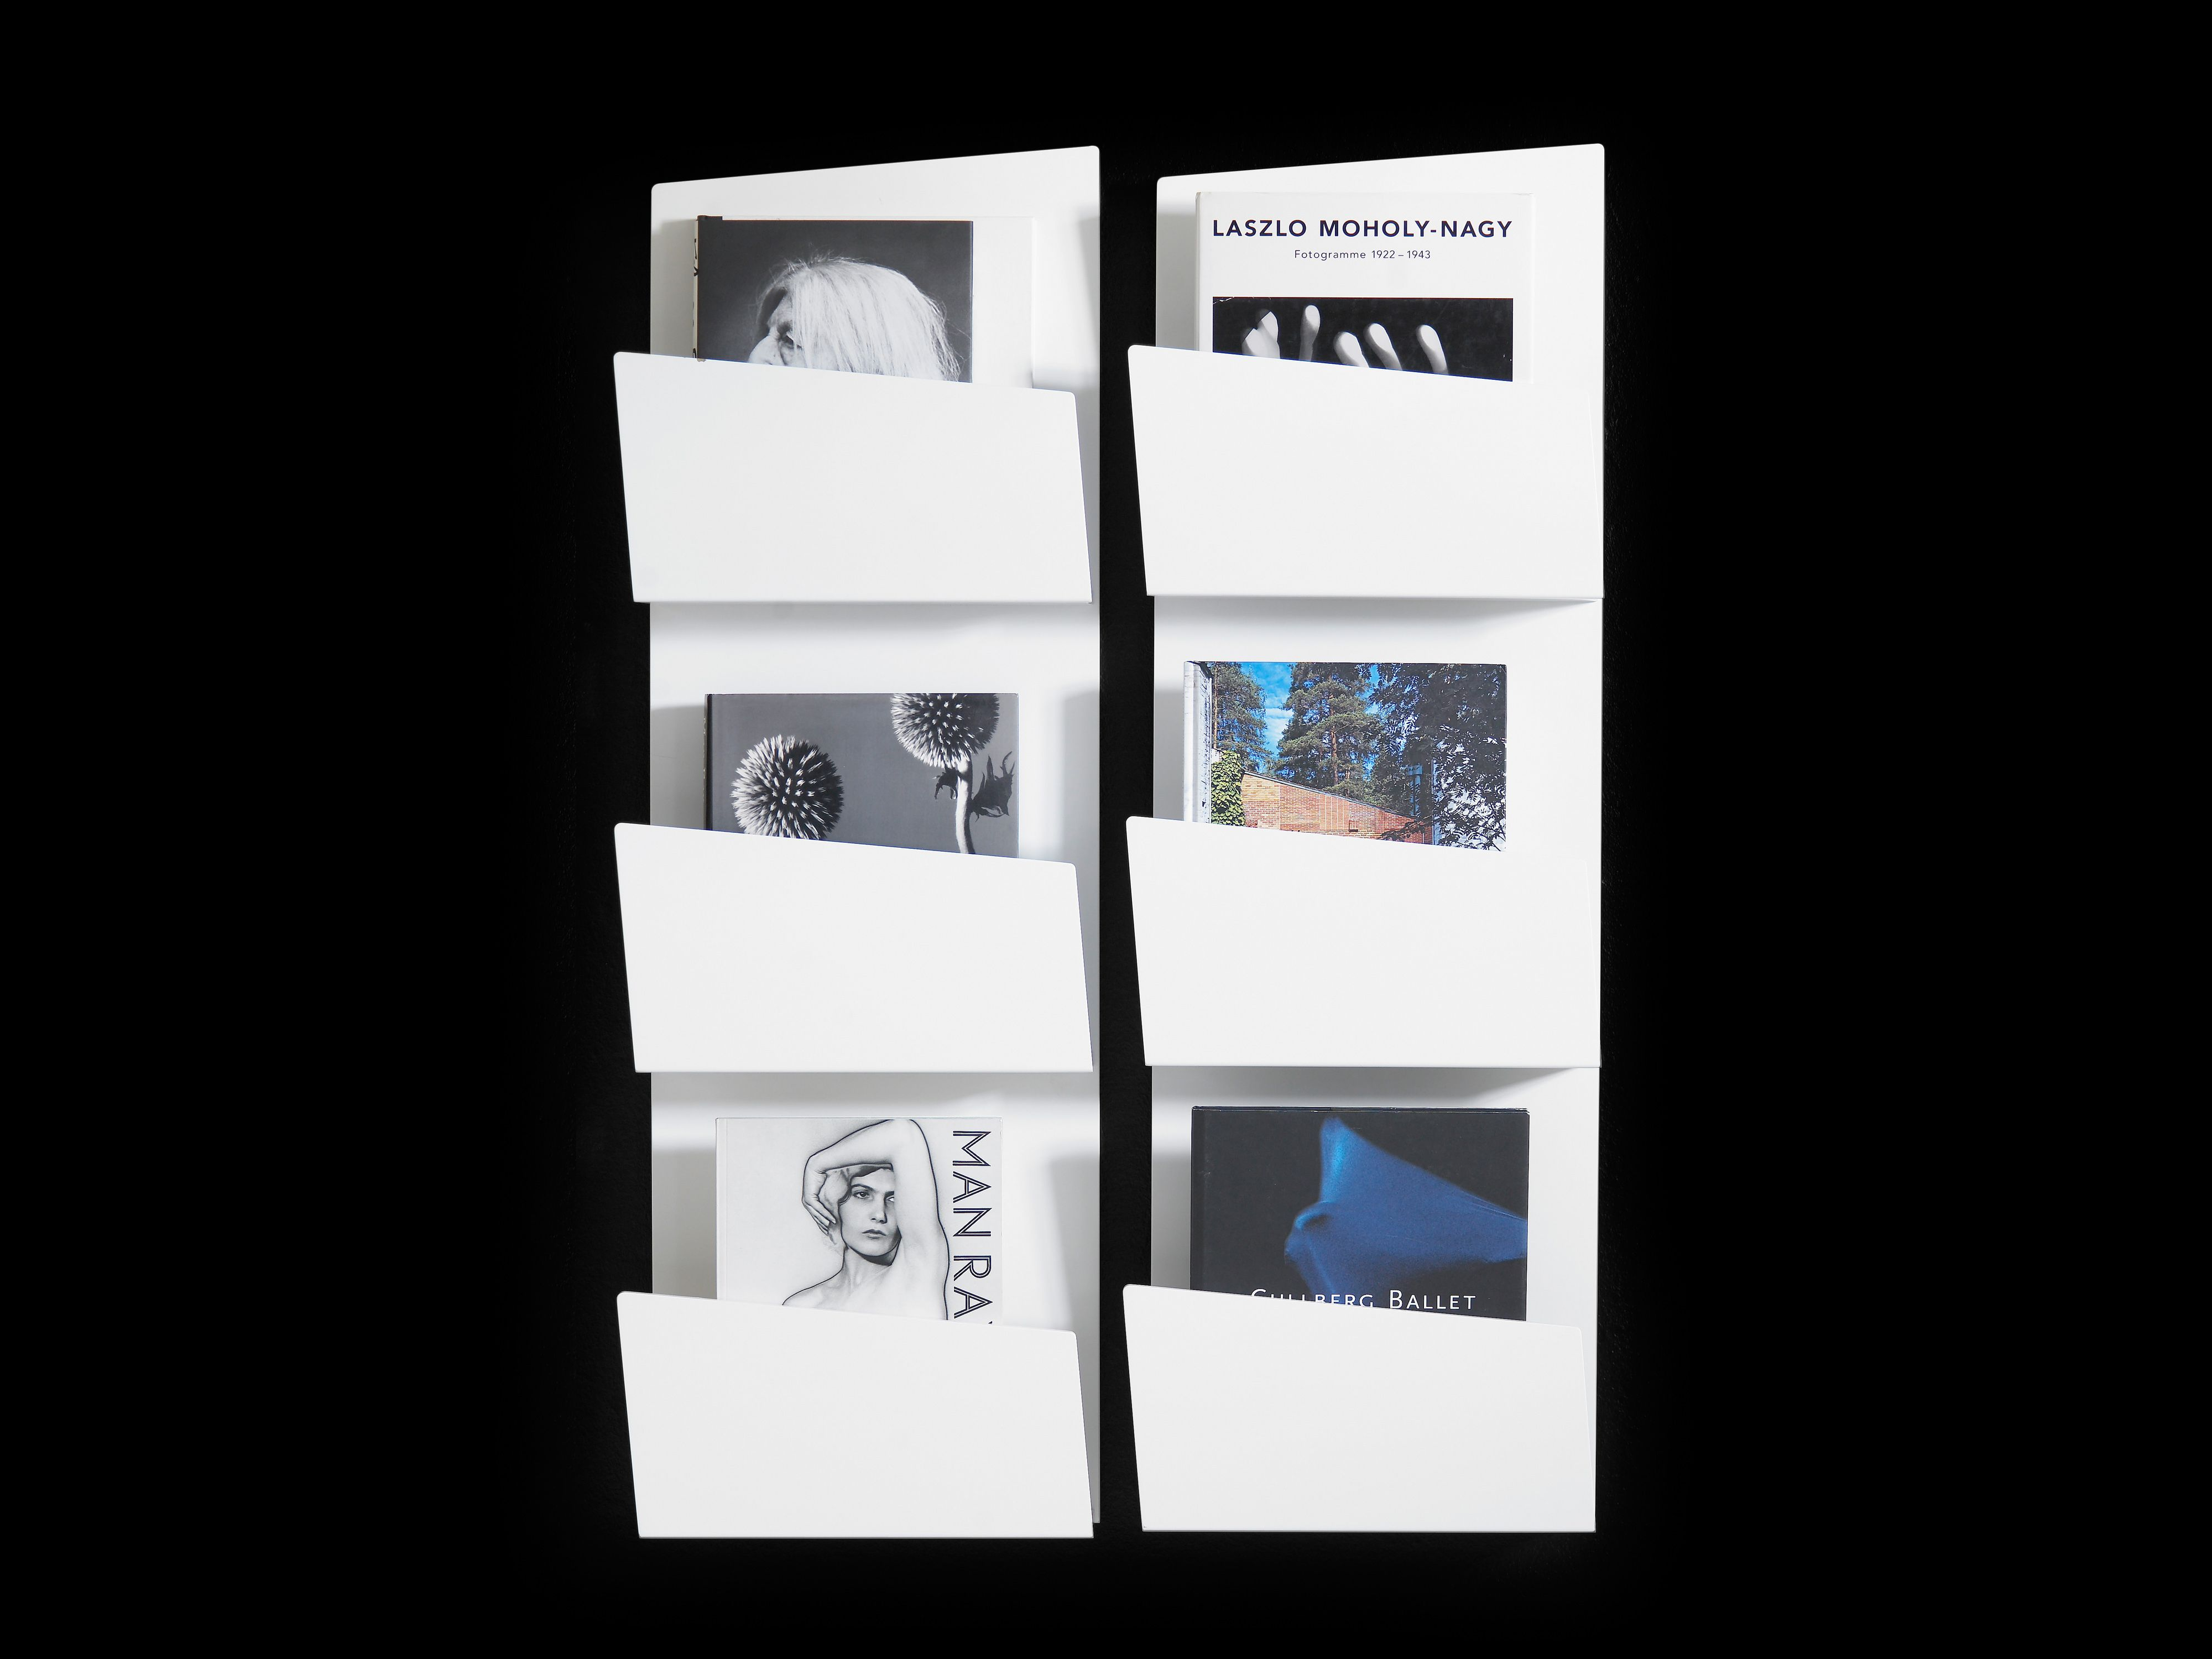 multi or mounted wall brochure direct mount holders rack uk pockets pocket leaflet